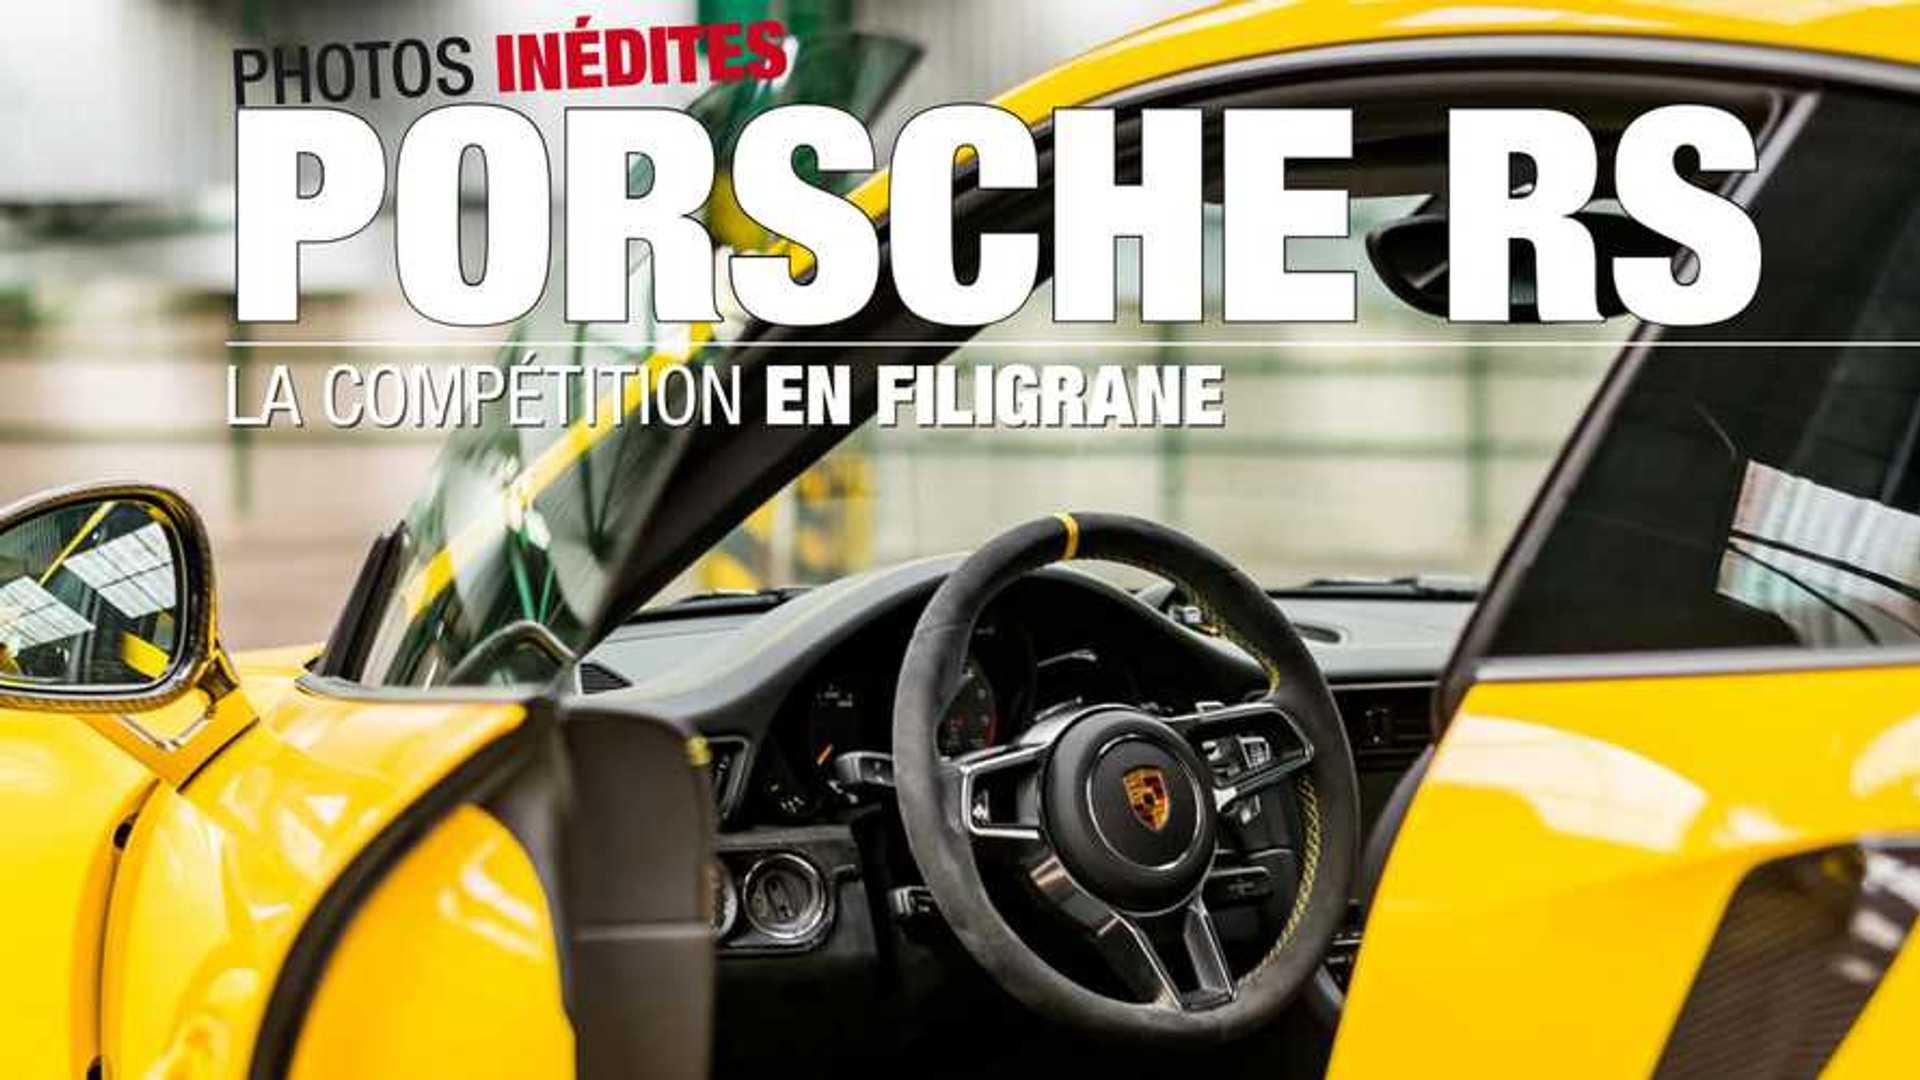 Idée cadeau - Porsche RS, la compétition en filigrane